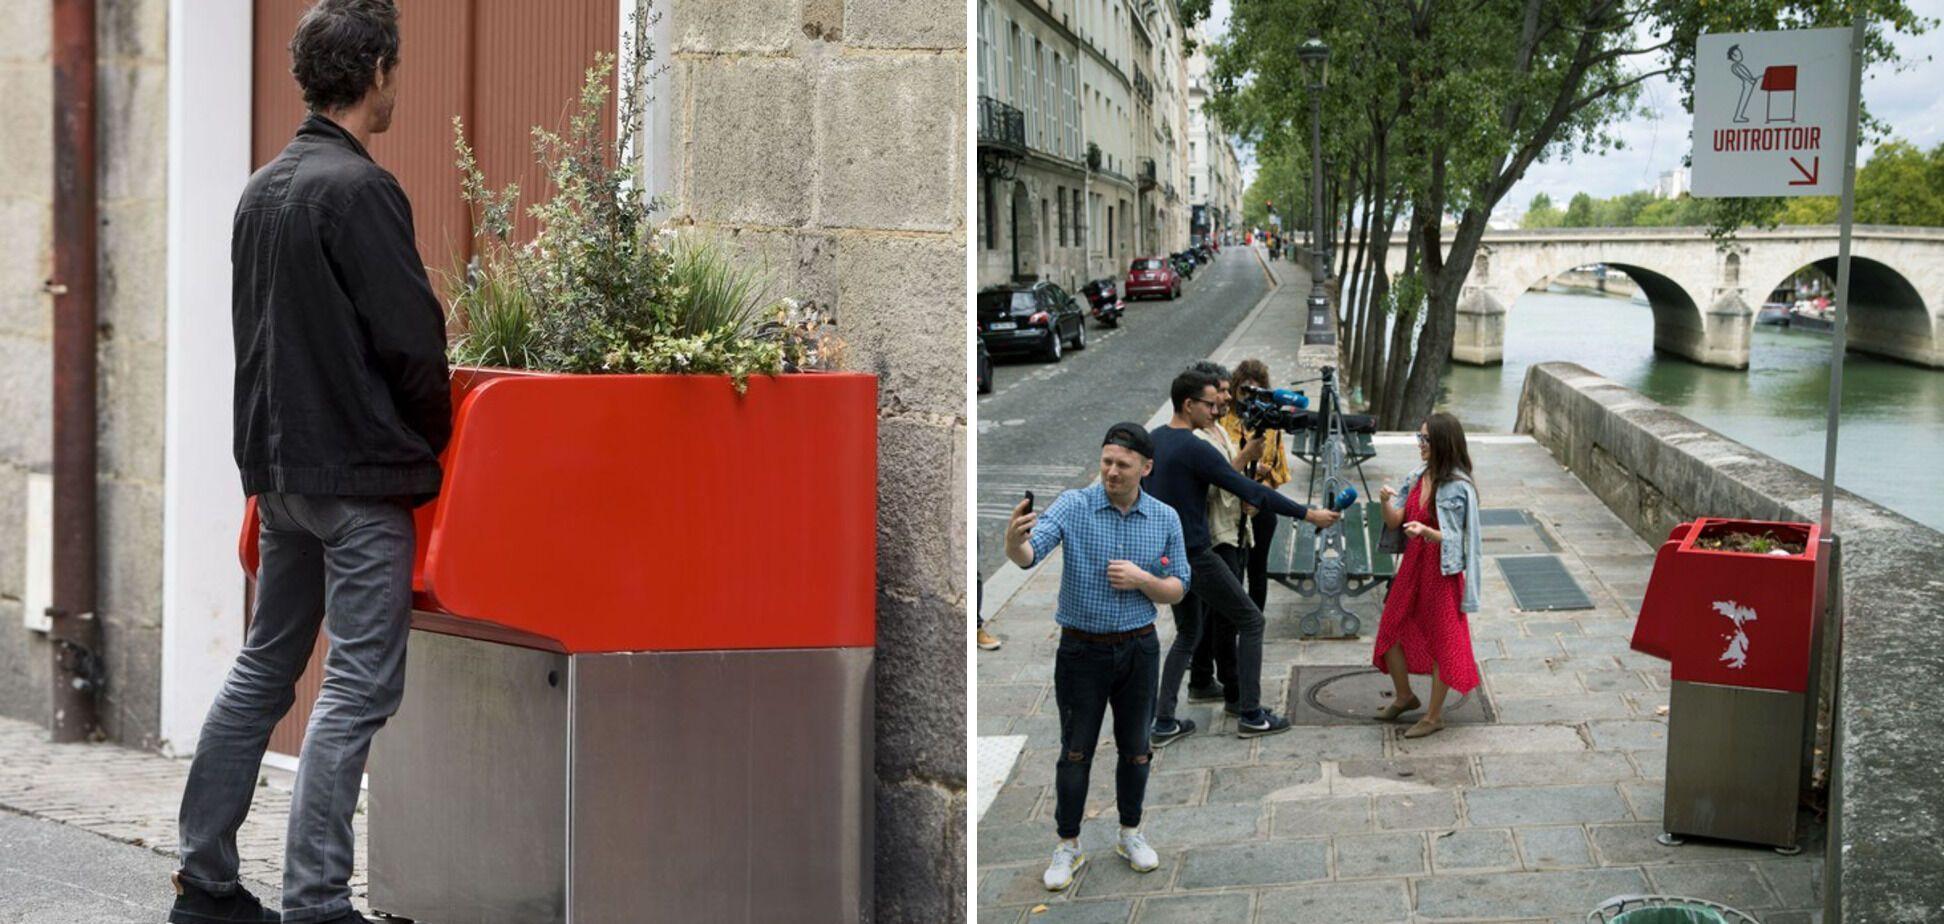 Мешканцям Парижу не подобаються громадські туалети